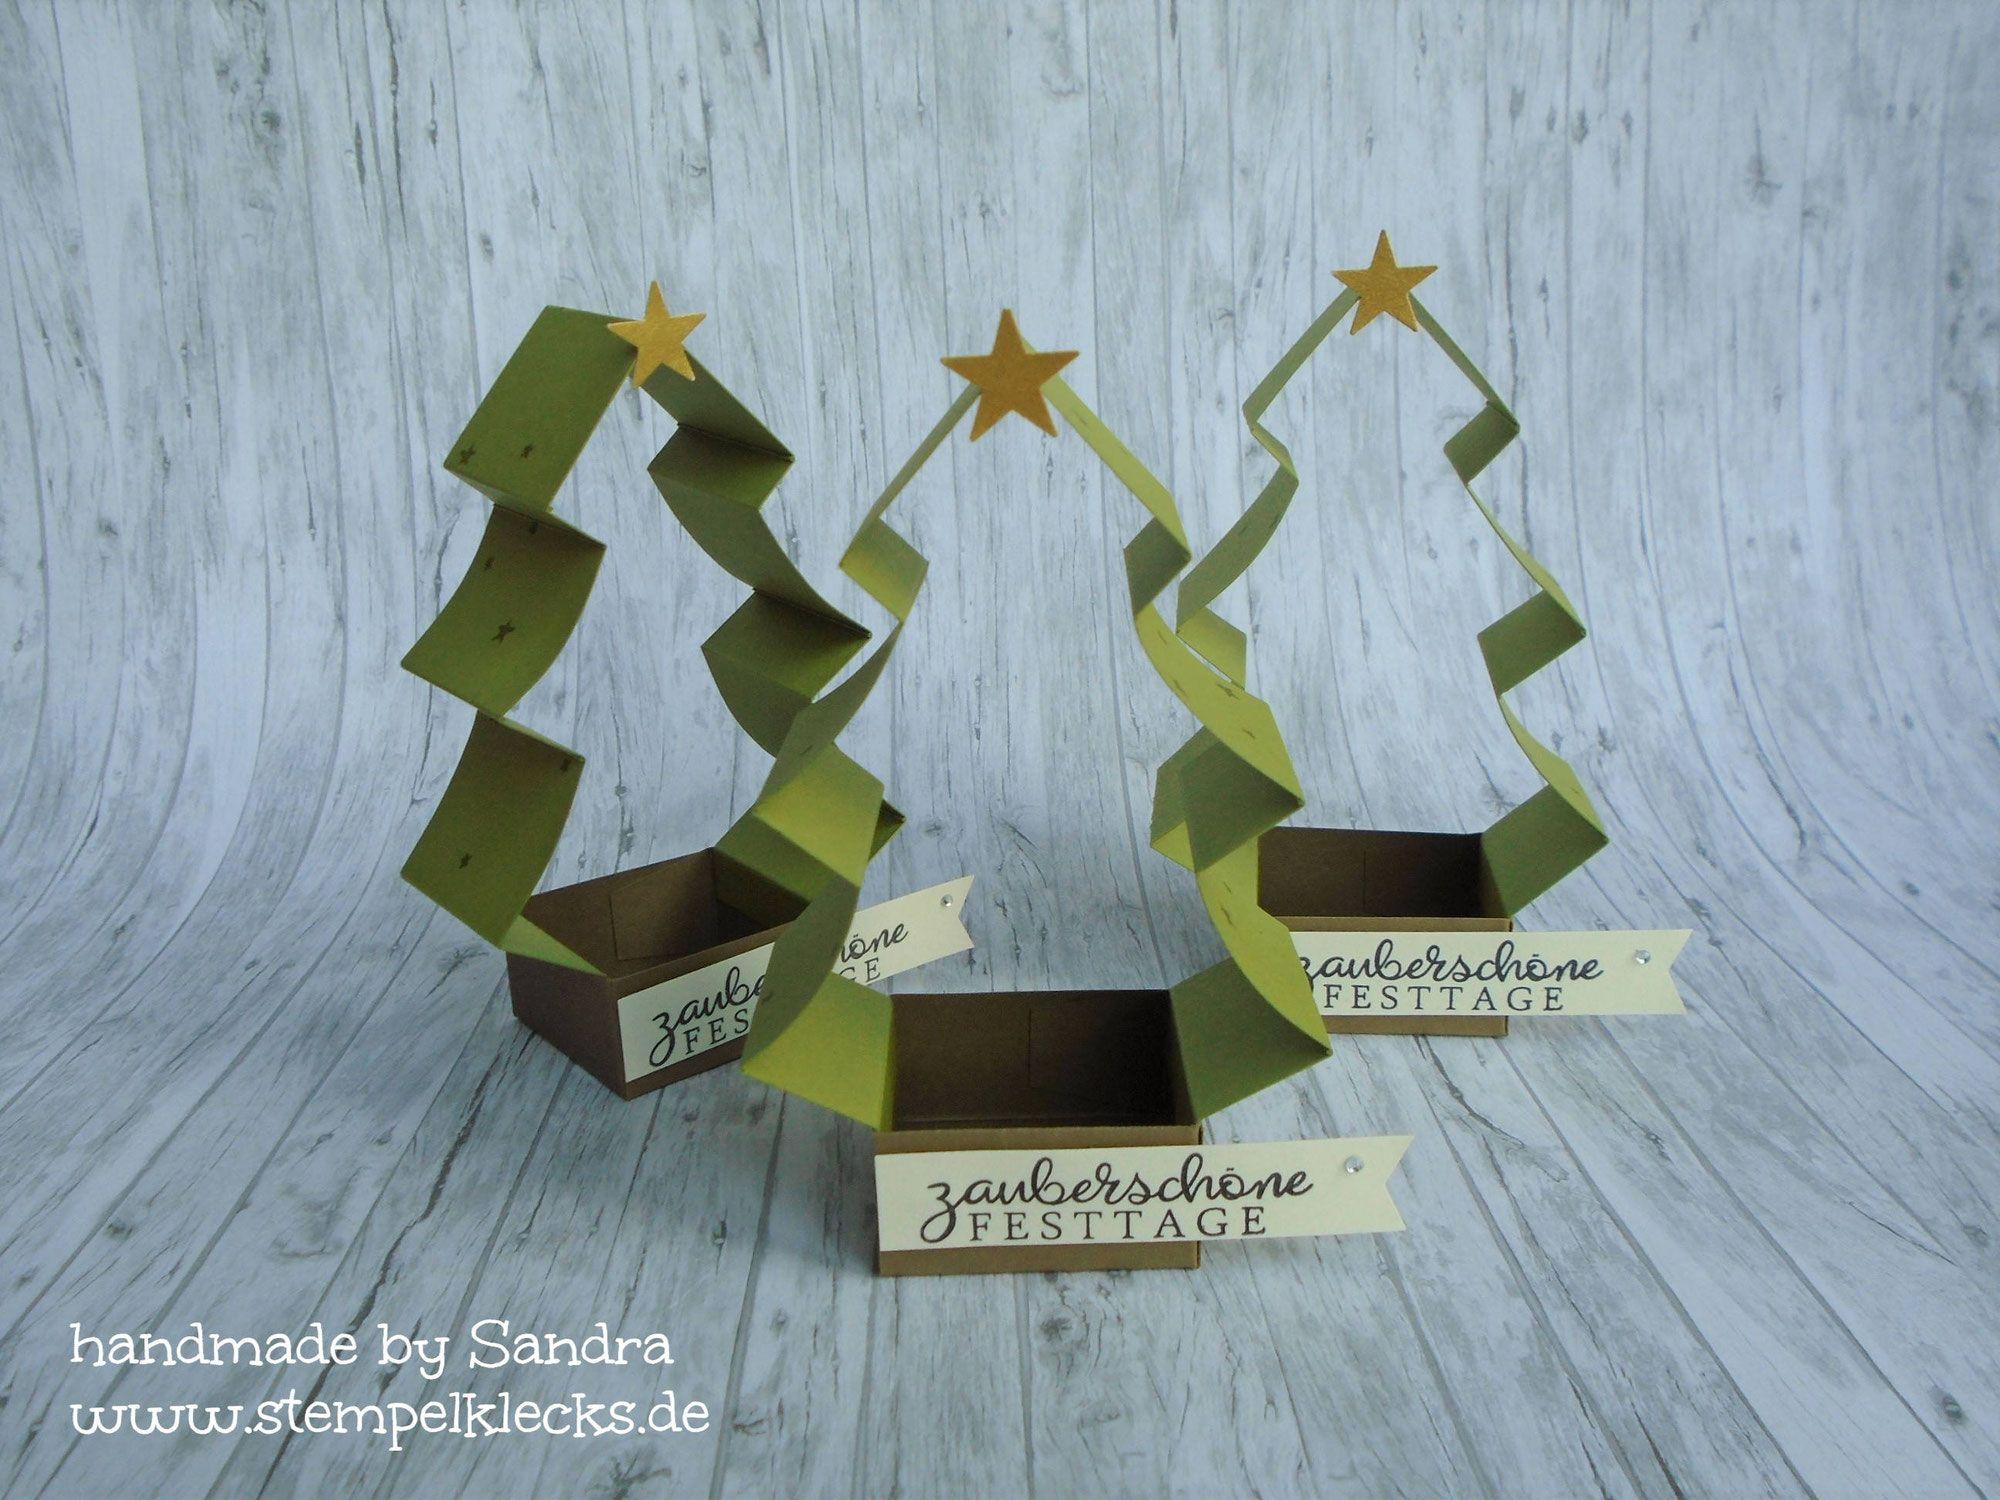 Ä Tännschen please #kleineweihnachtsgeschenkebasteln